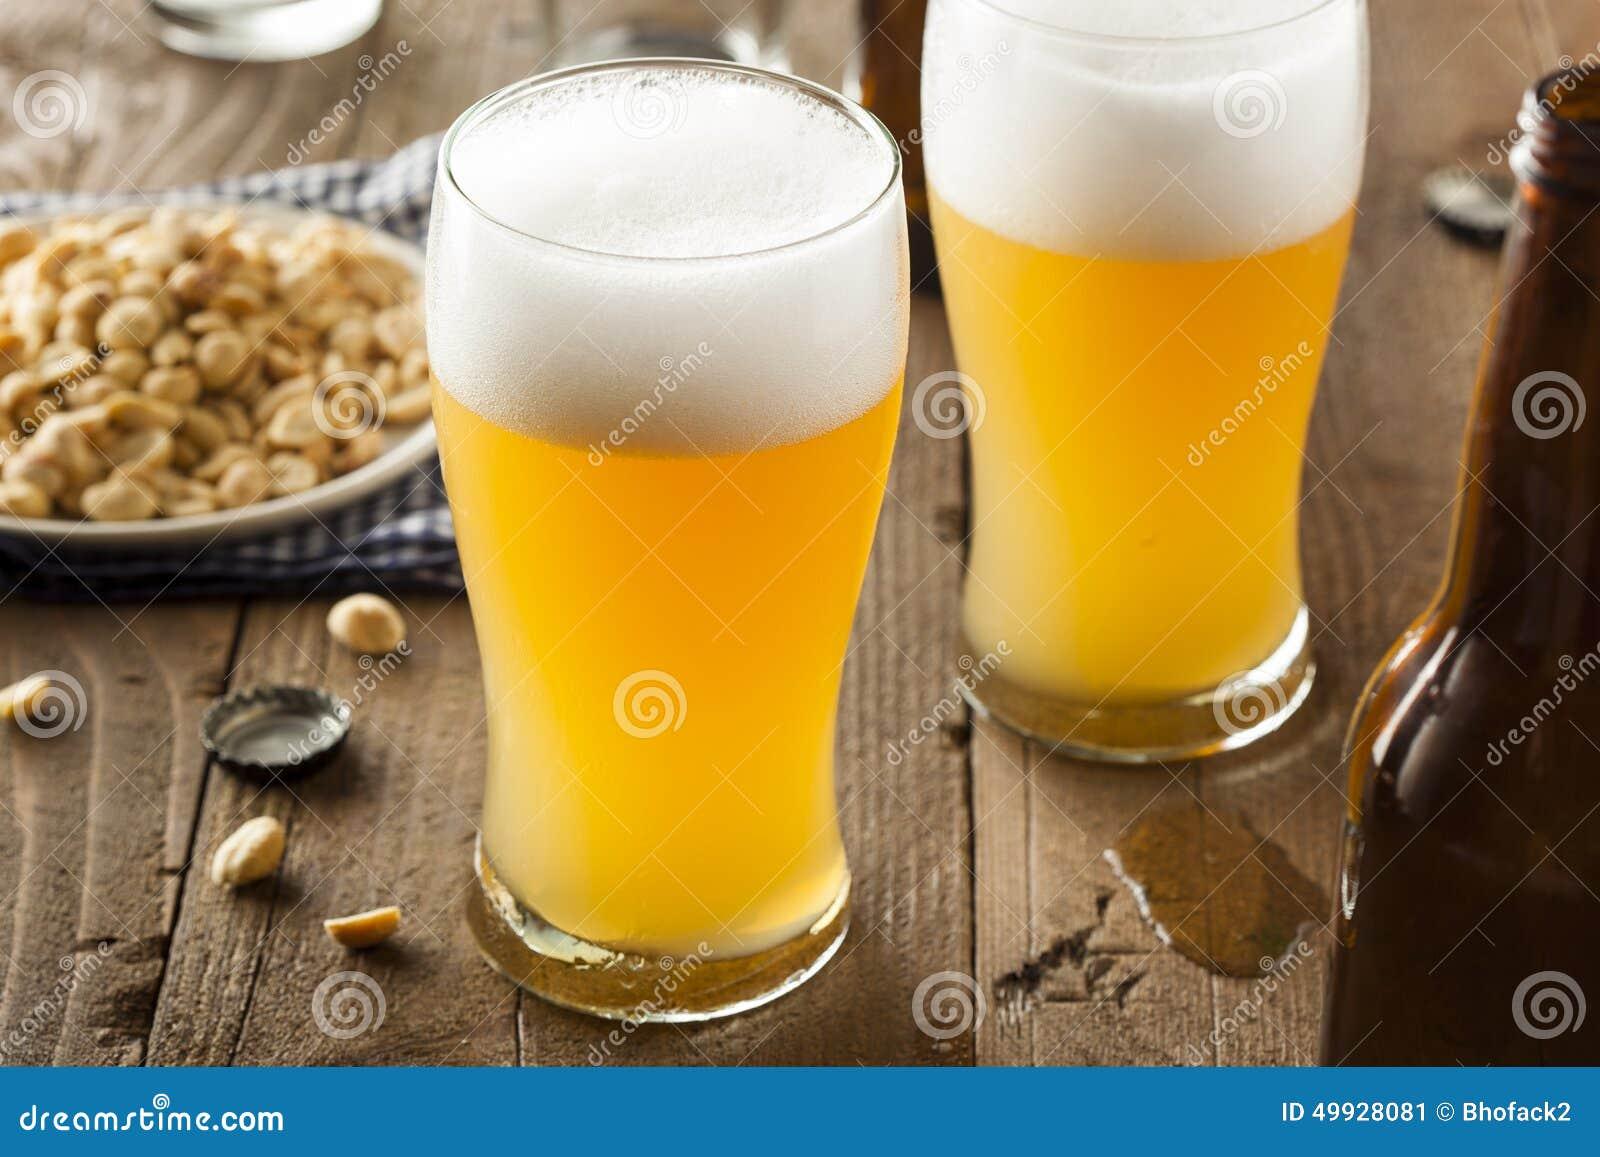 Resfreshing Lager Beer dorato